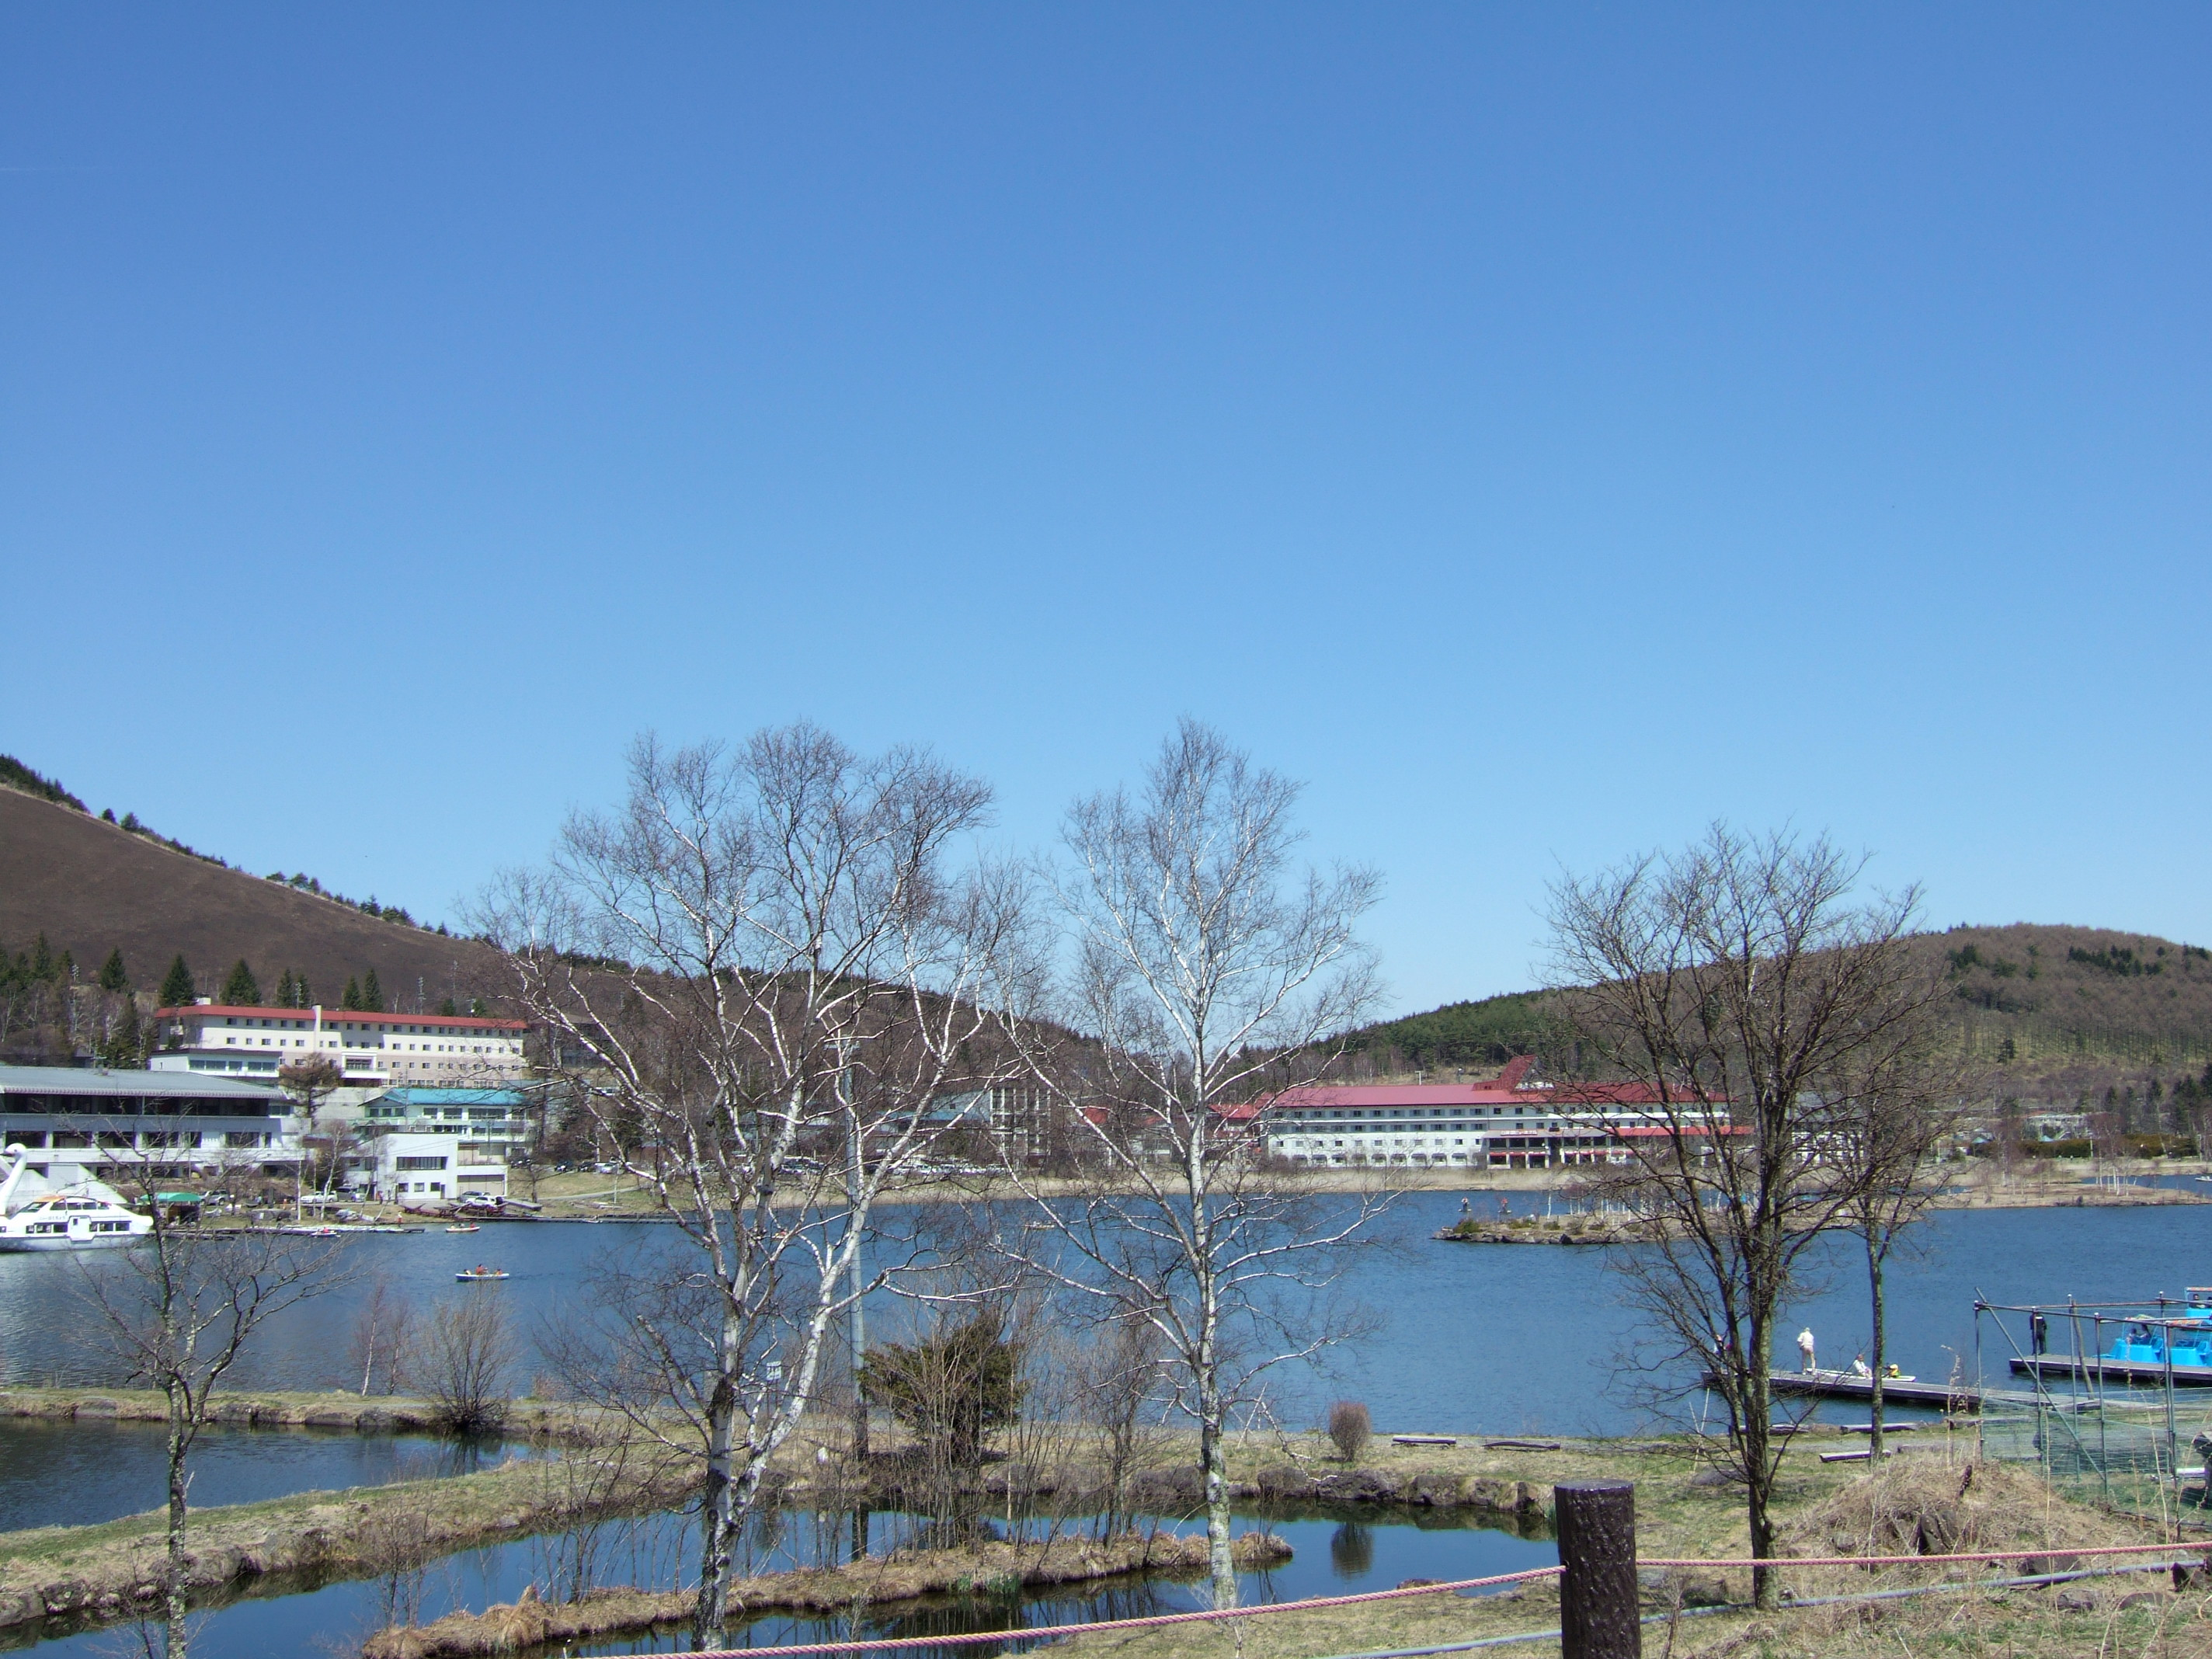 白樺湖の美味しい空気でリフレッシュ 最終日編 白樺湖 蓼科